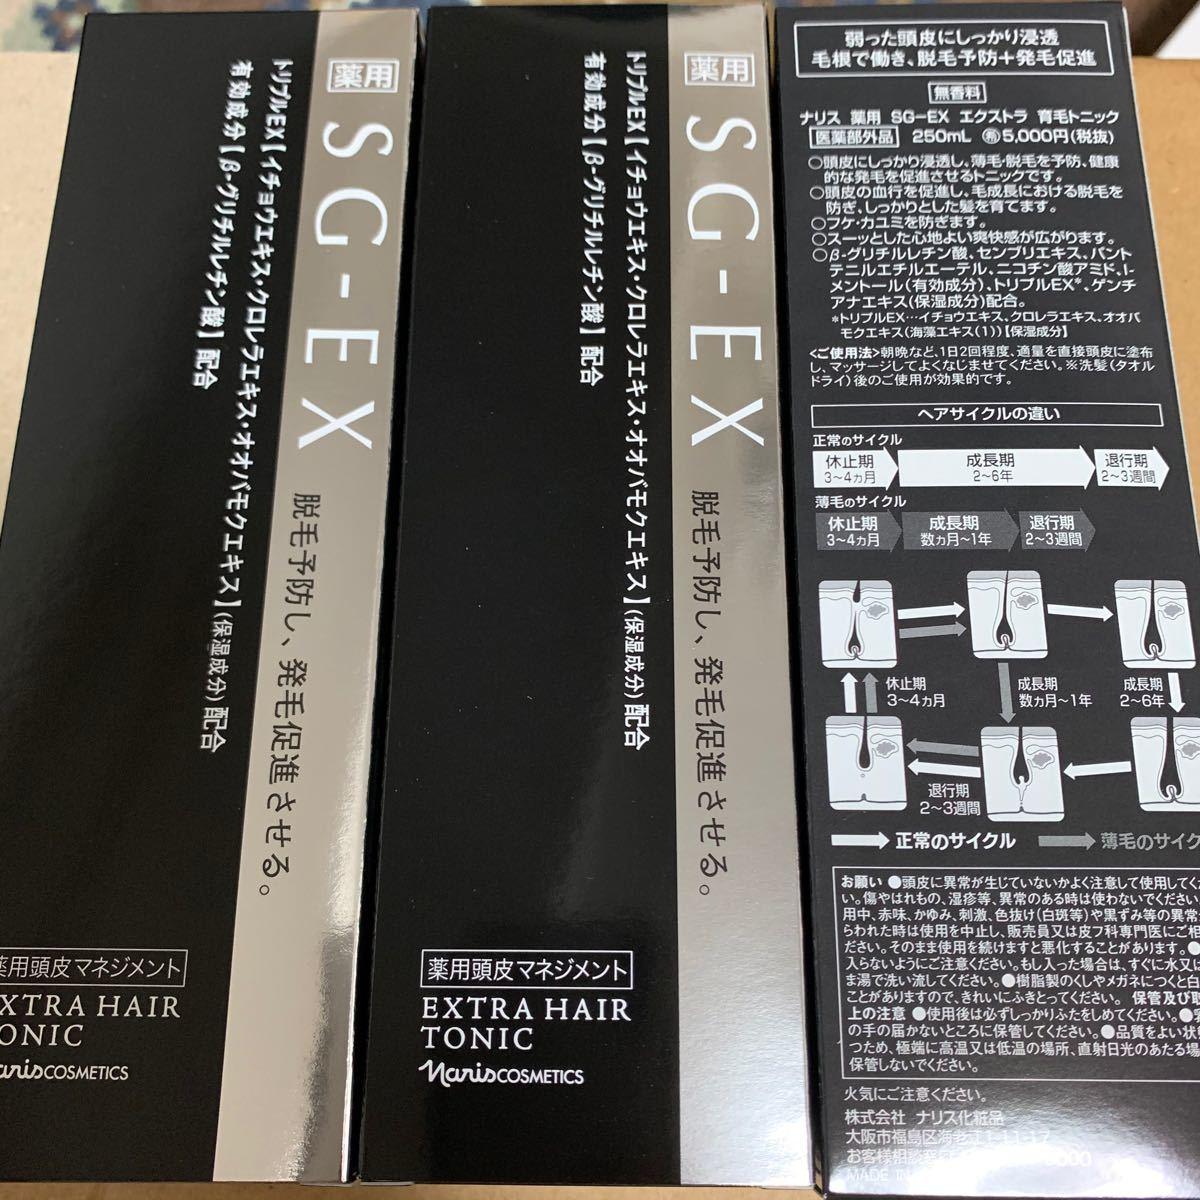 ナリス 薬用SG-EX エクストラ育毛トニック3本